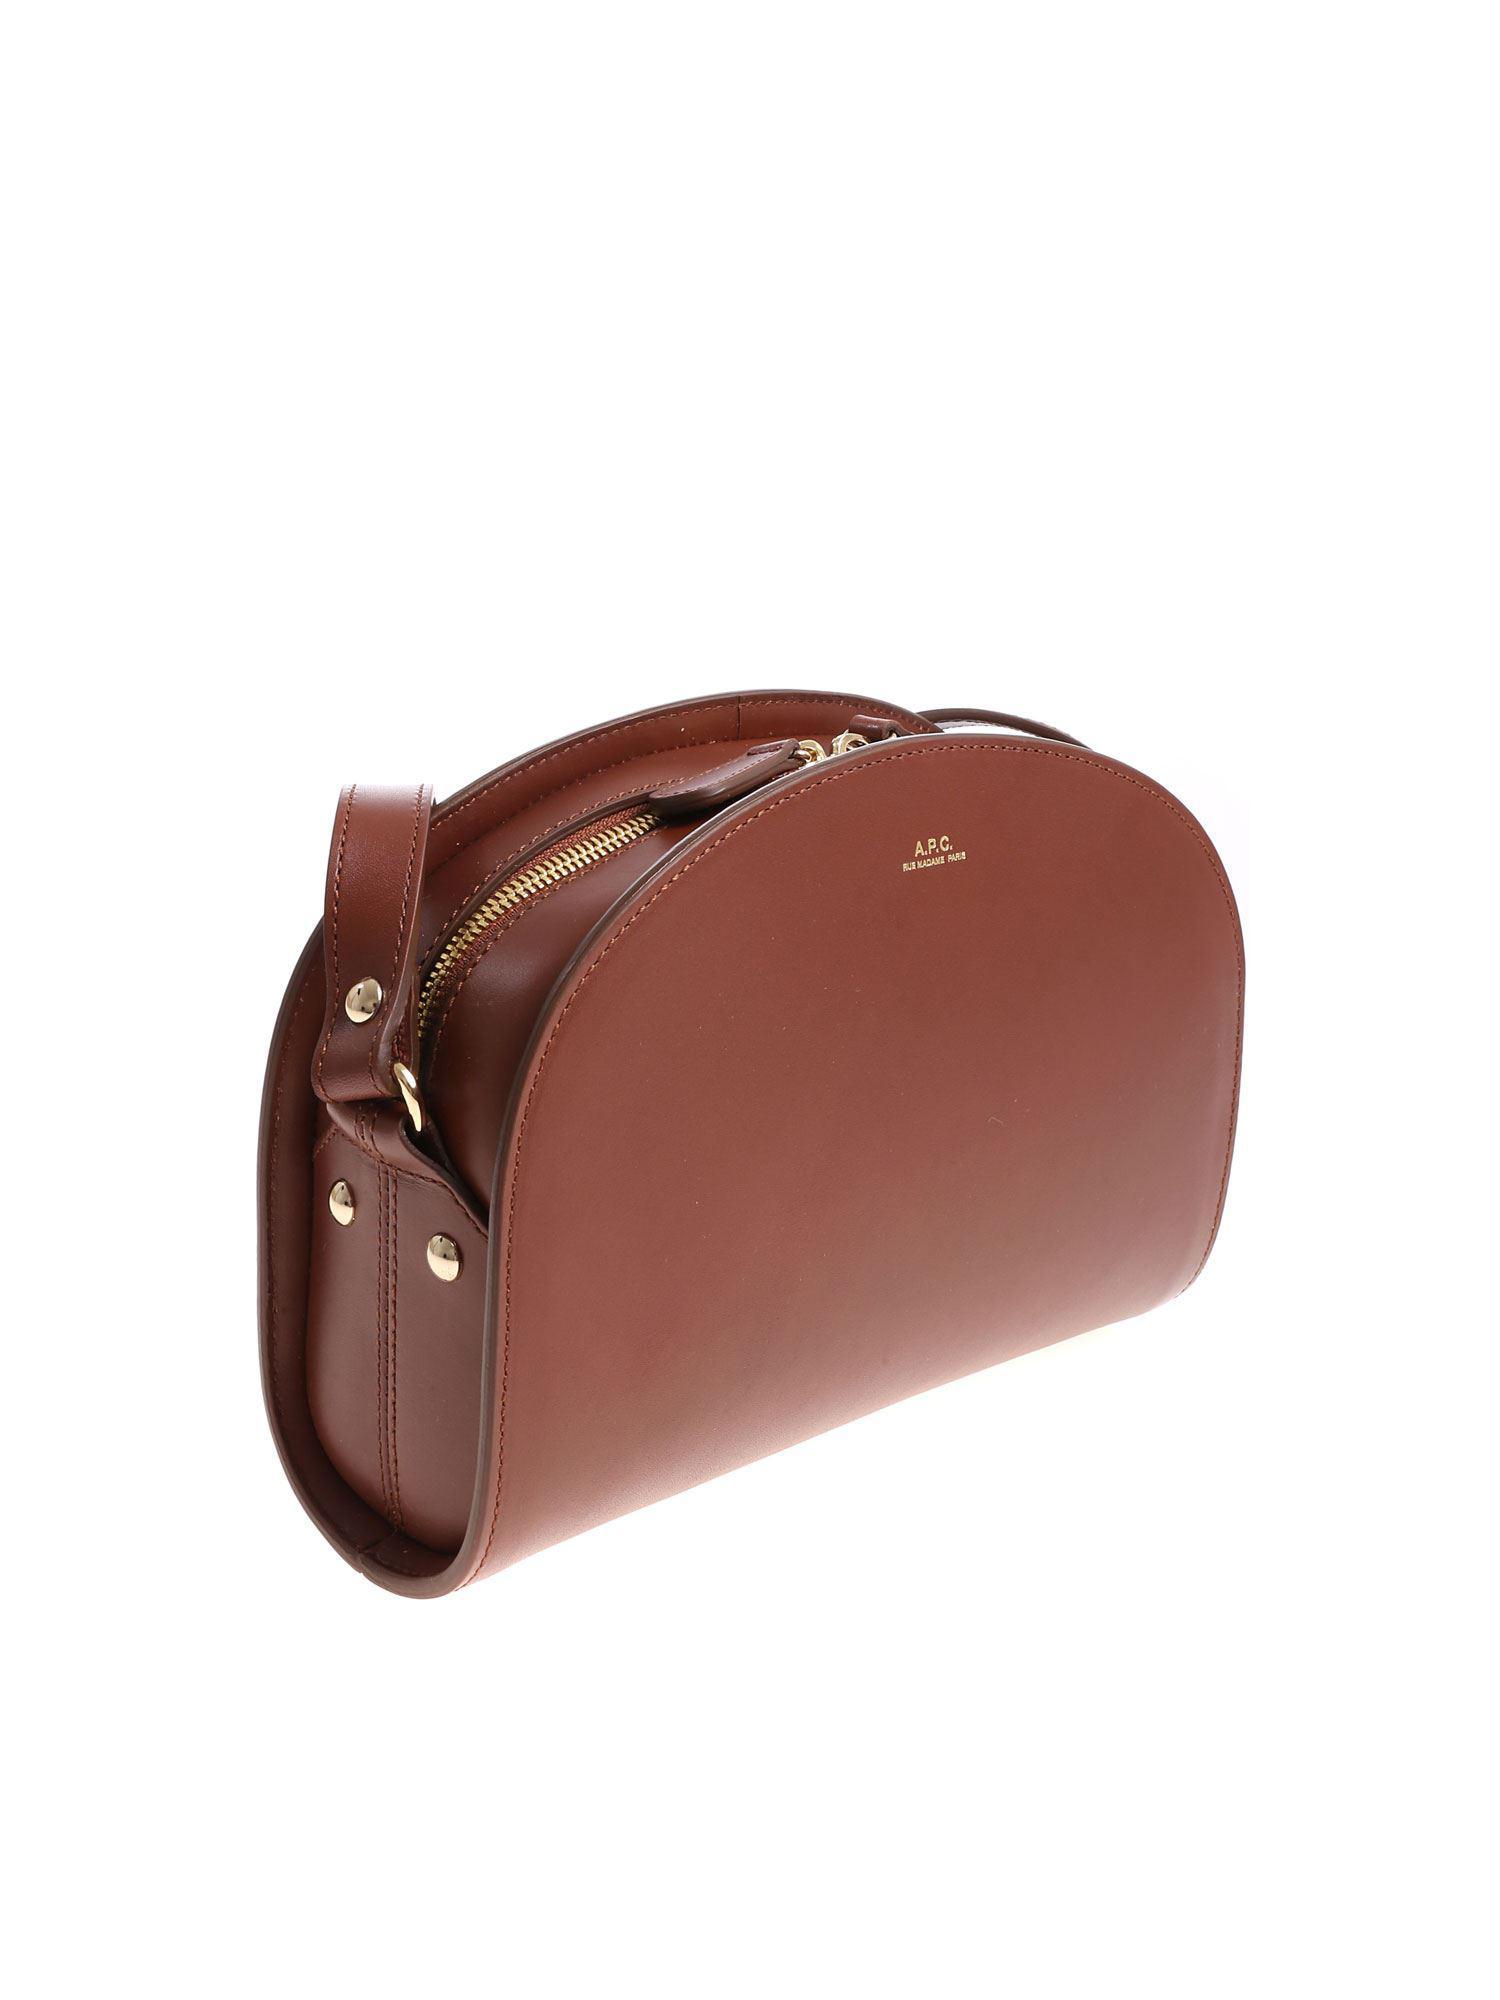 c6f19e2f0956 A.P.C. - Brown Hazelnut Color Shoulder Bag - Lyst. View fullscreen